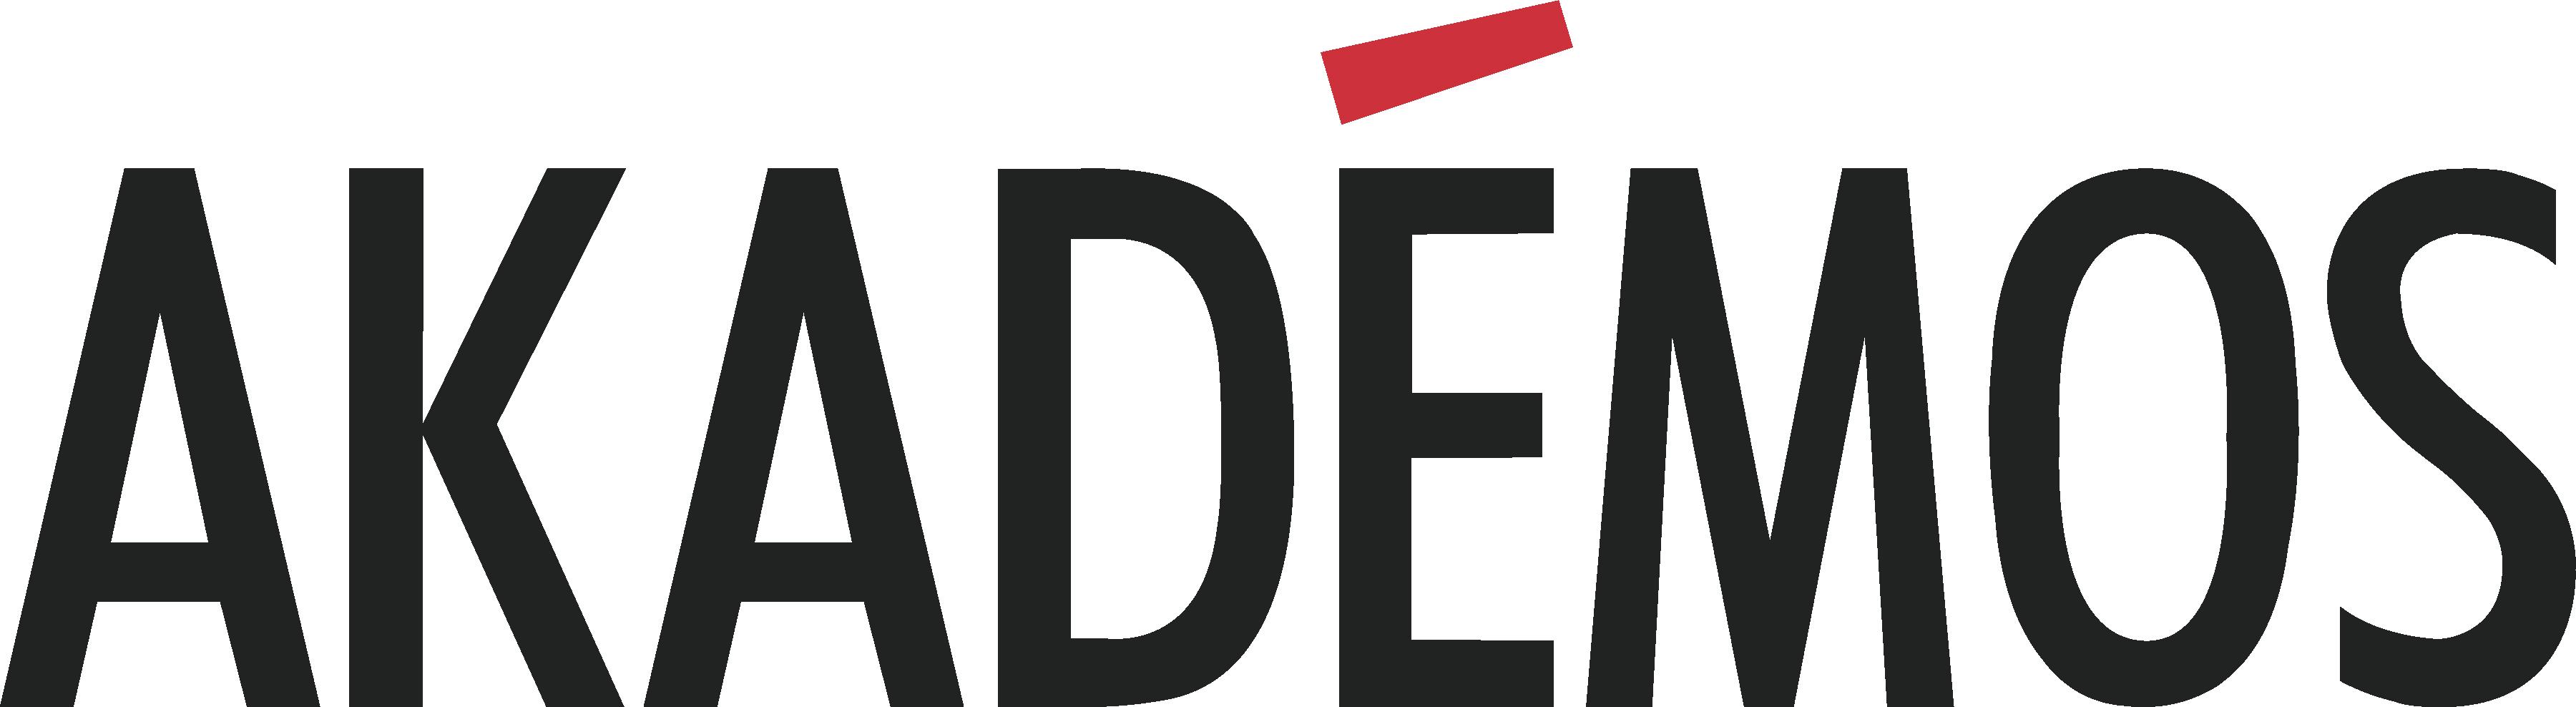 Akademos-Logo